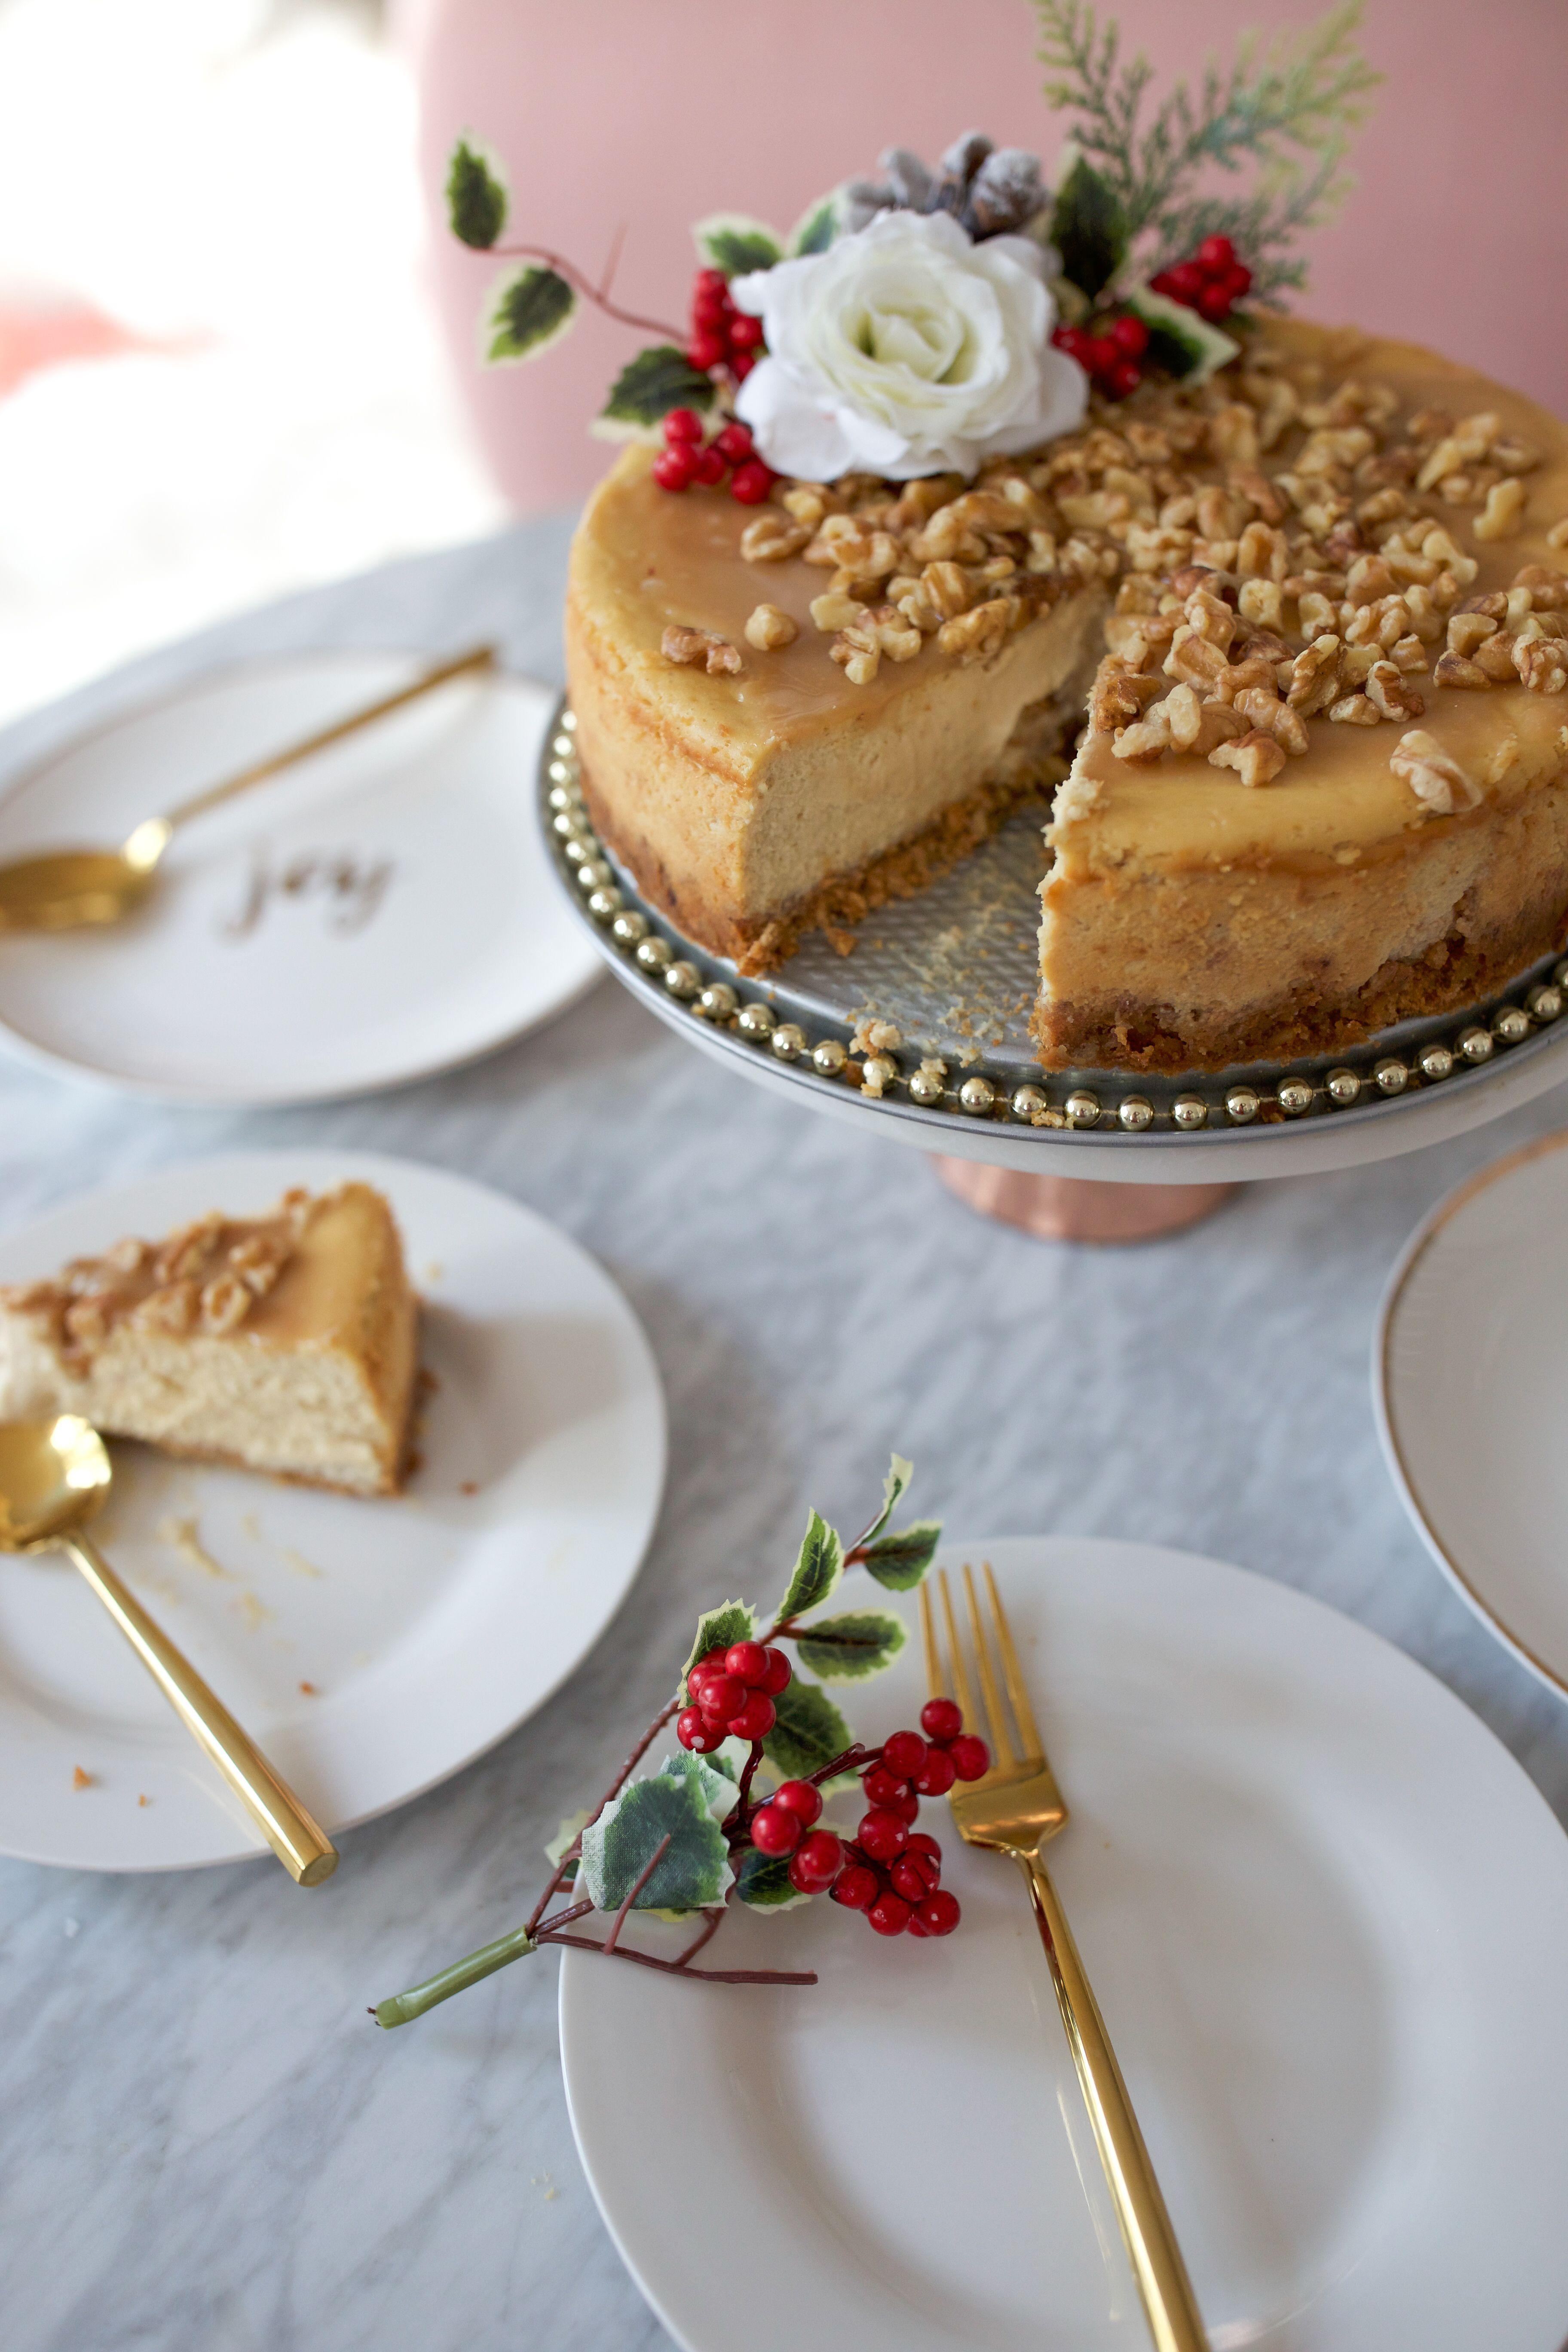 The Best Philadelphia Cheesecake Recipe Ever! | Cheesecake recipes, Easy cheesecake recipes ...